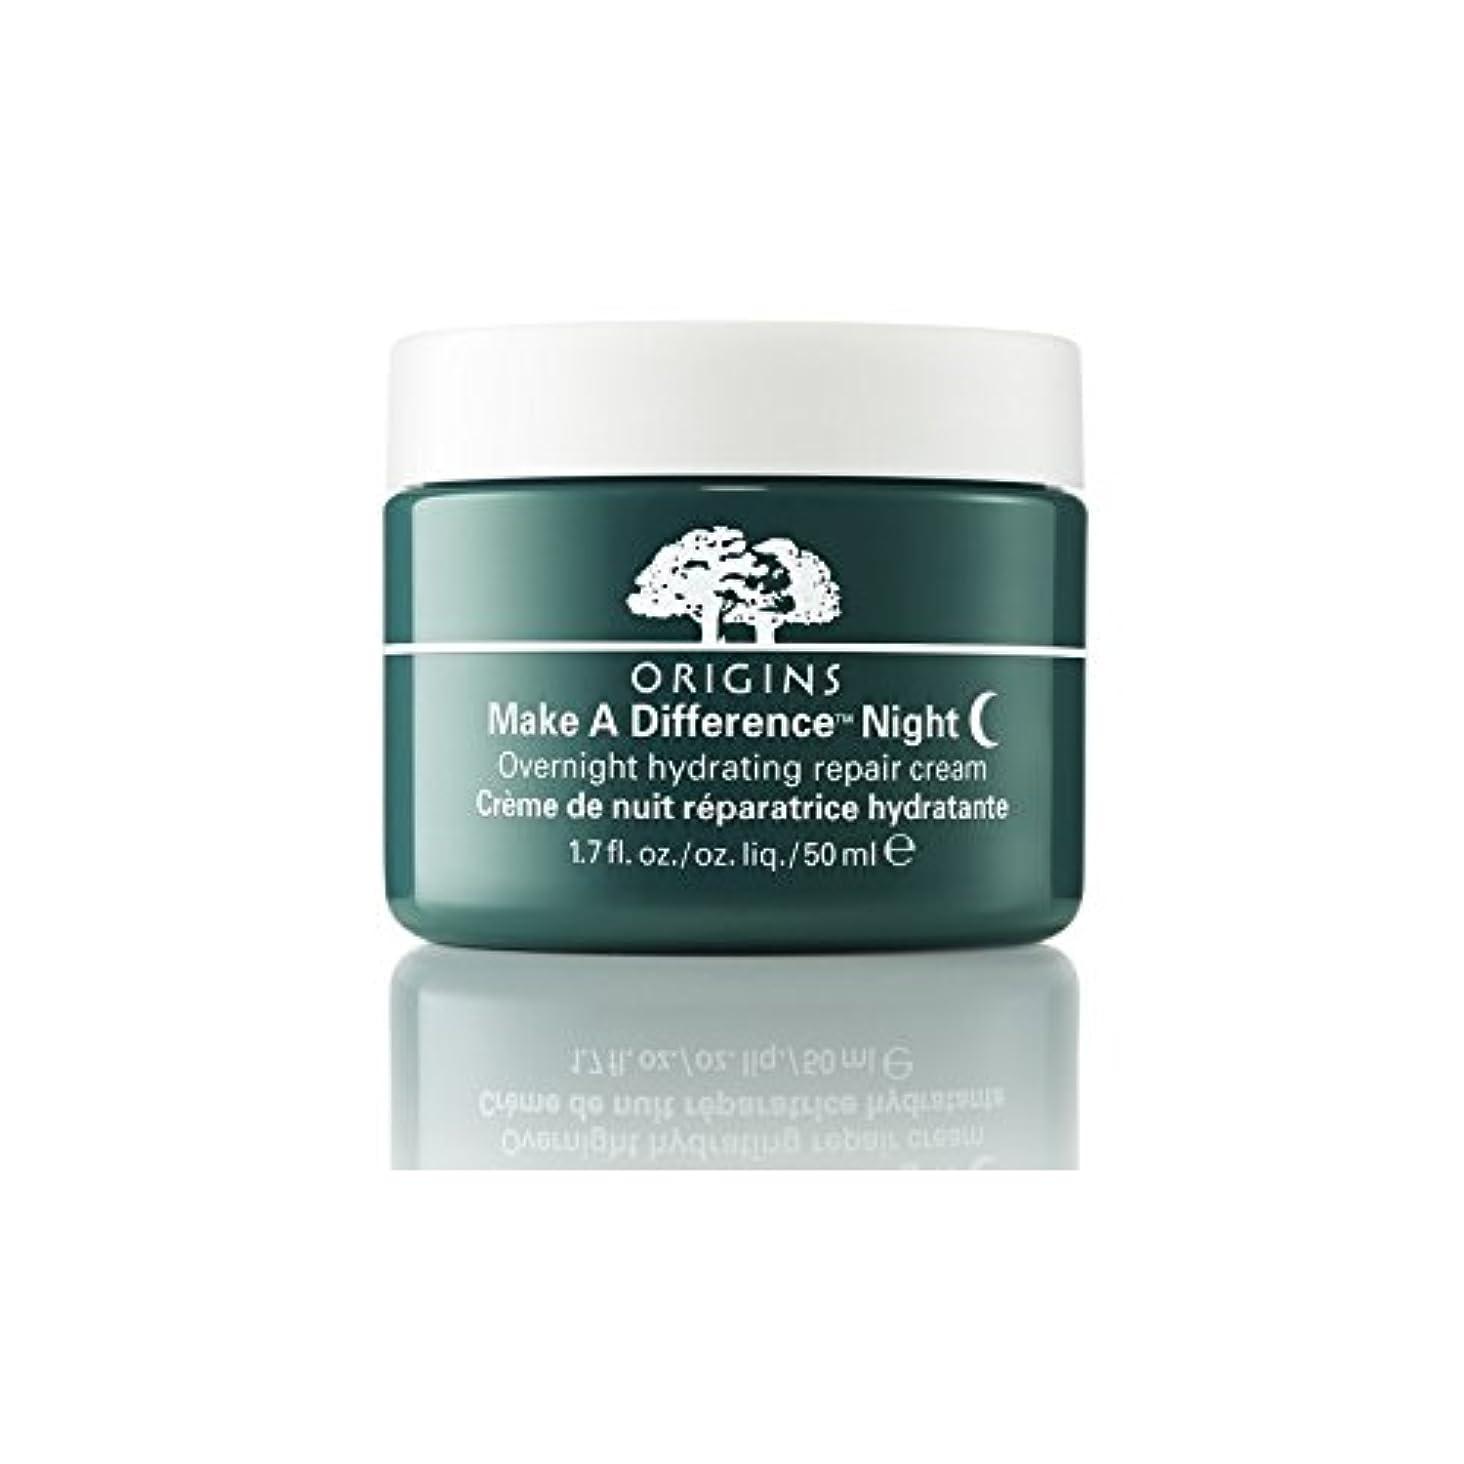 将来の花嫁バーゲンOrigins Make A Difference Overnight Hydrating Repair Cream 50ml (Pack of 6) - 起源は違い、一晩水和リペアクリーム50ミリリットルを作ります x6...